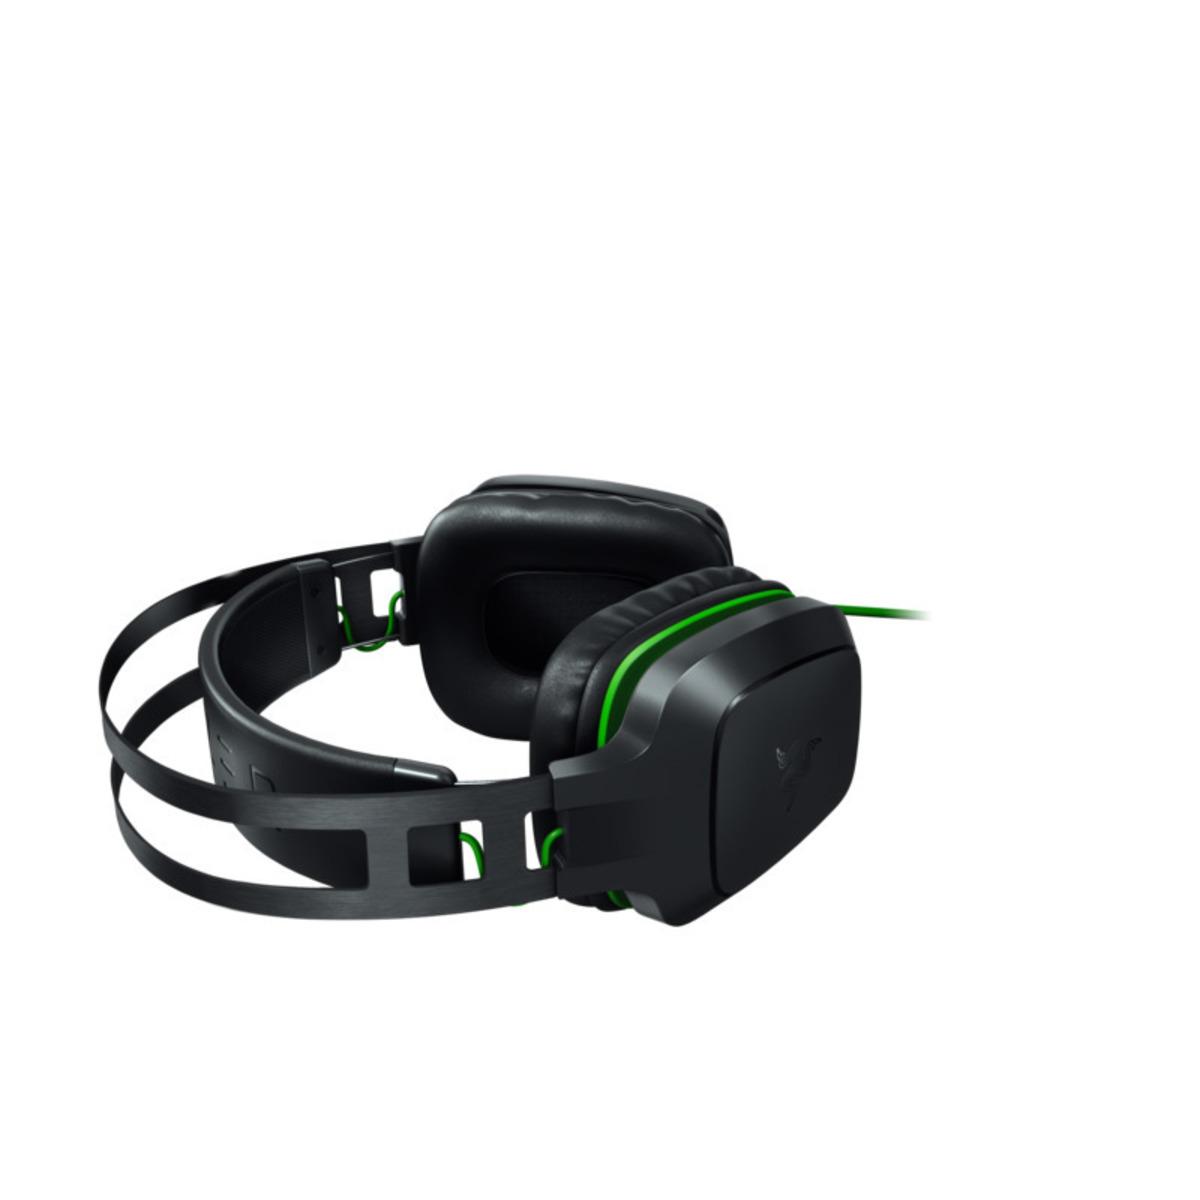 Bild 1 von Razer Electra V2 Gaming Headset für PC und XBOX